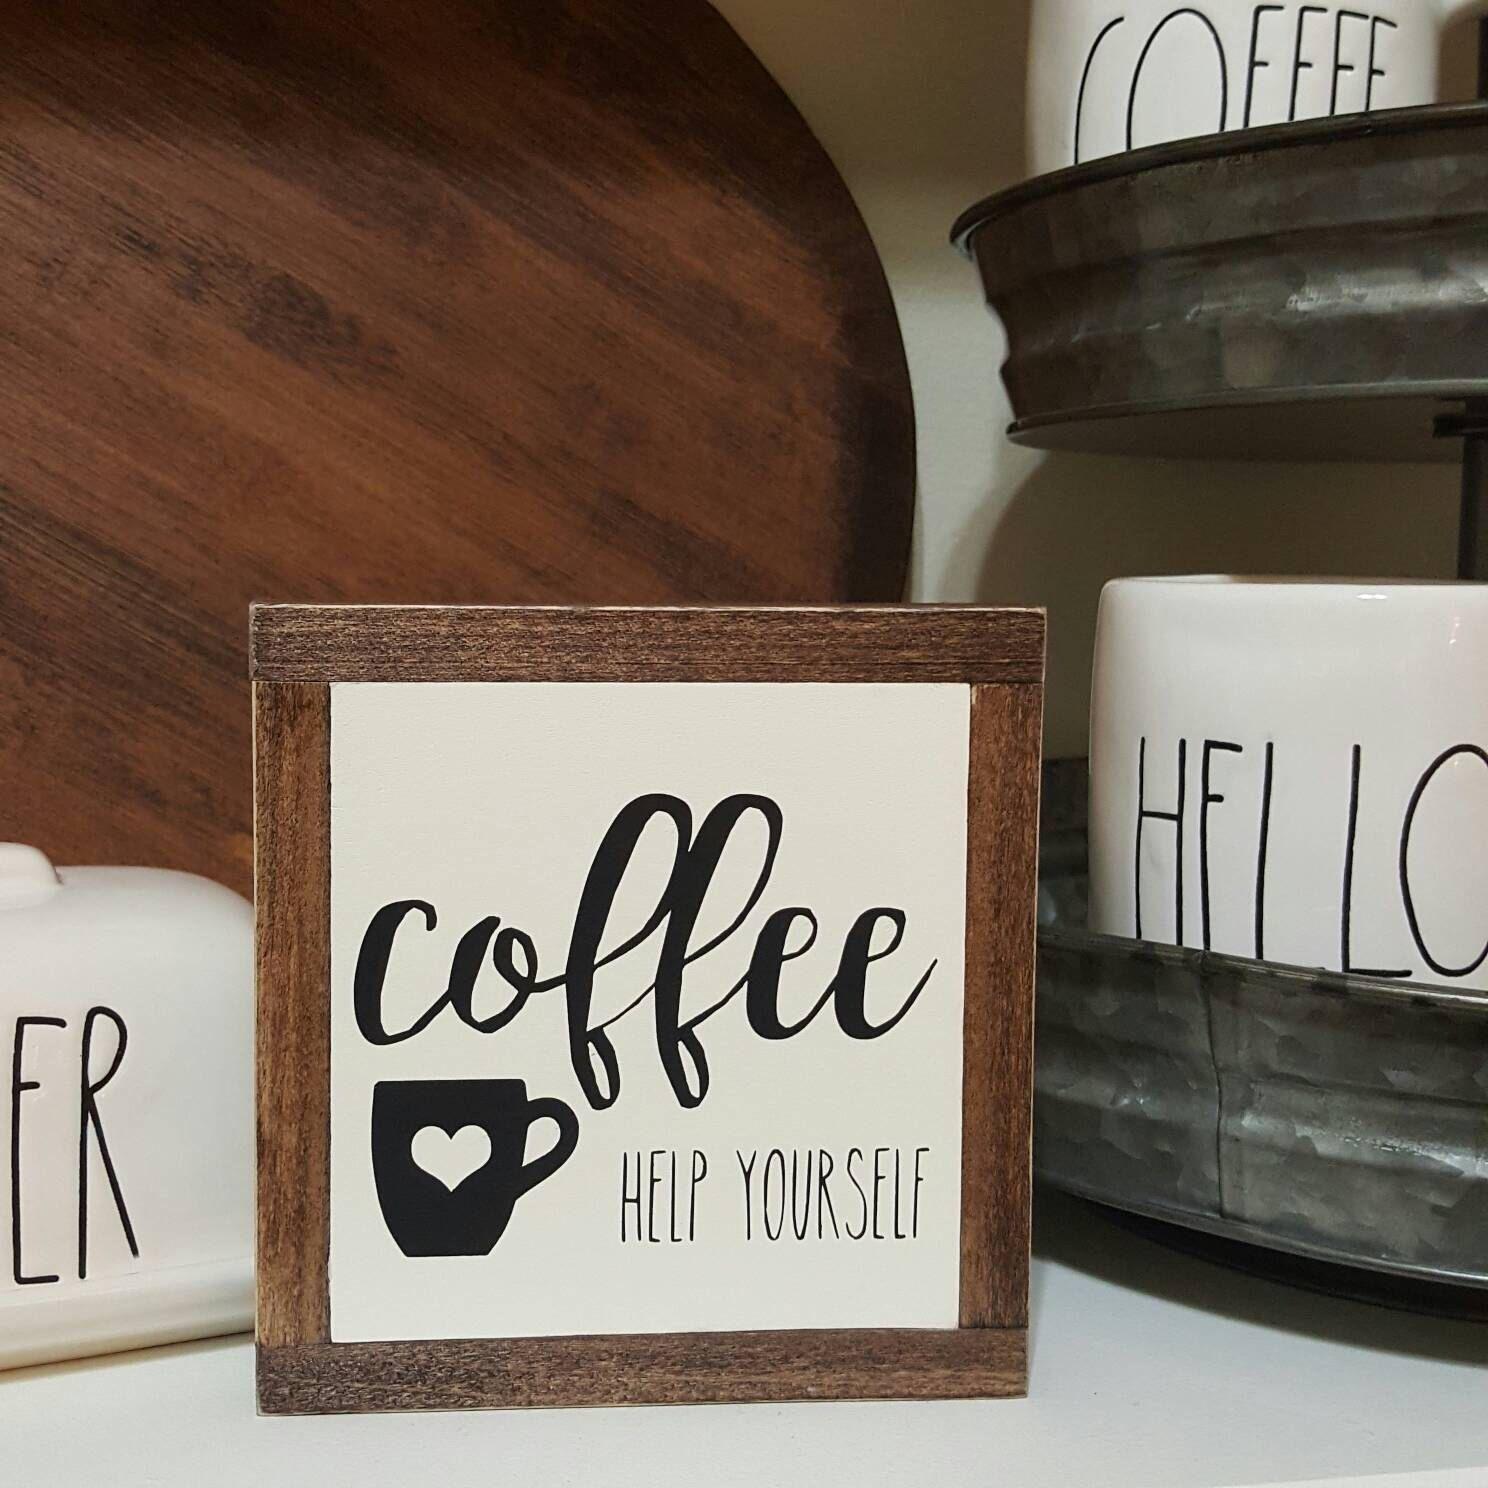 Coffee Bar Mini Sign, Coffee Help Yourself Mini Sign, Tiered